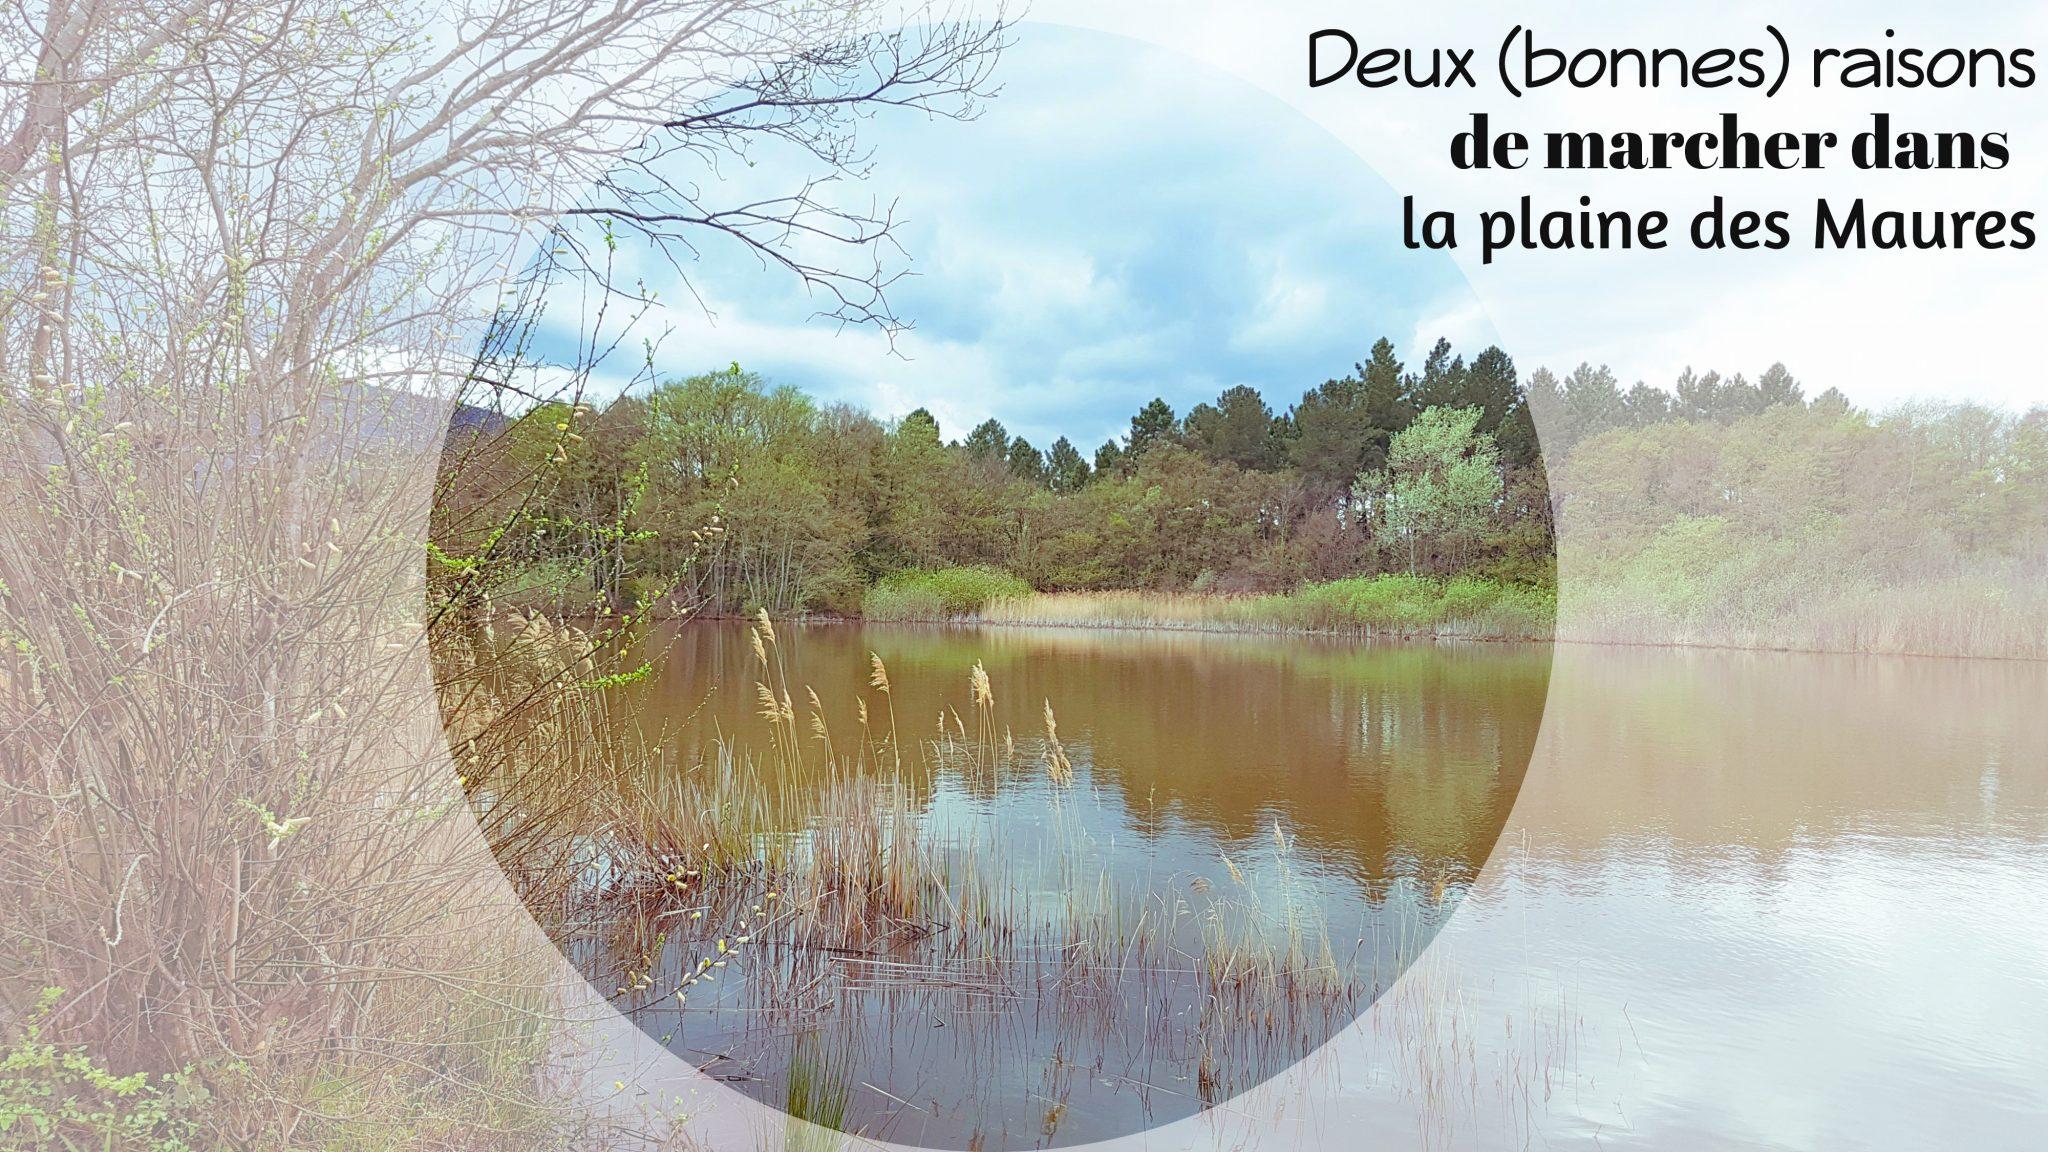 la-plaine-des-maures